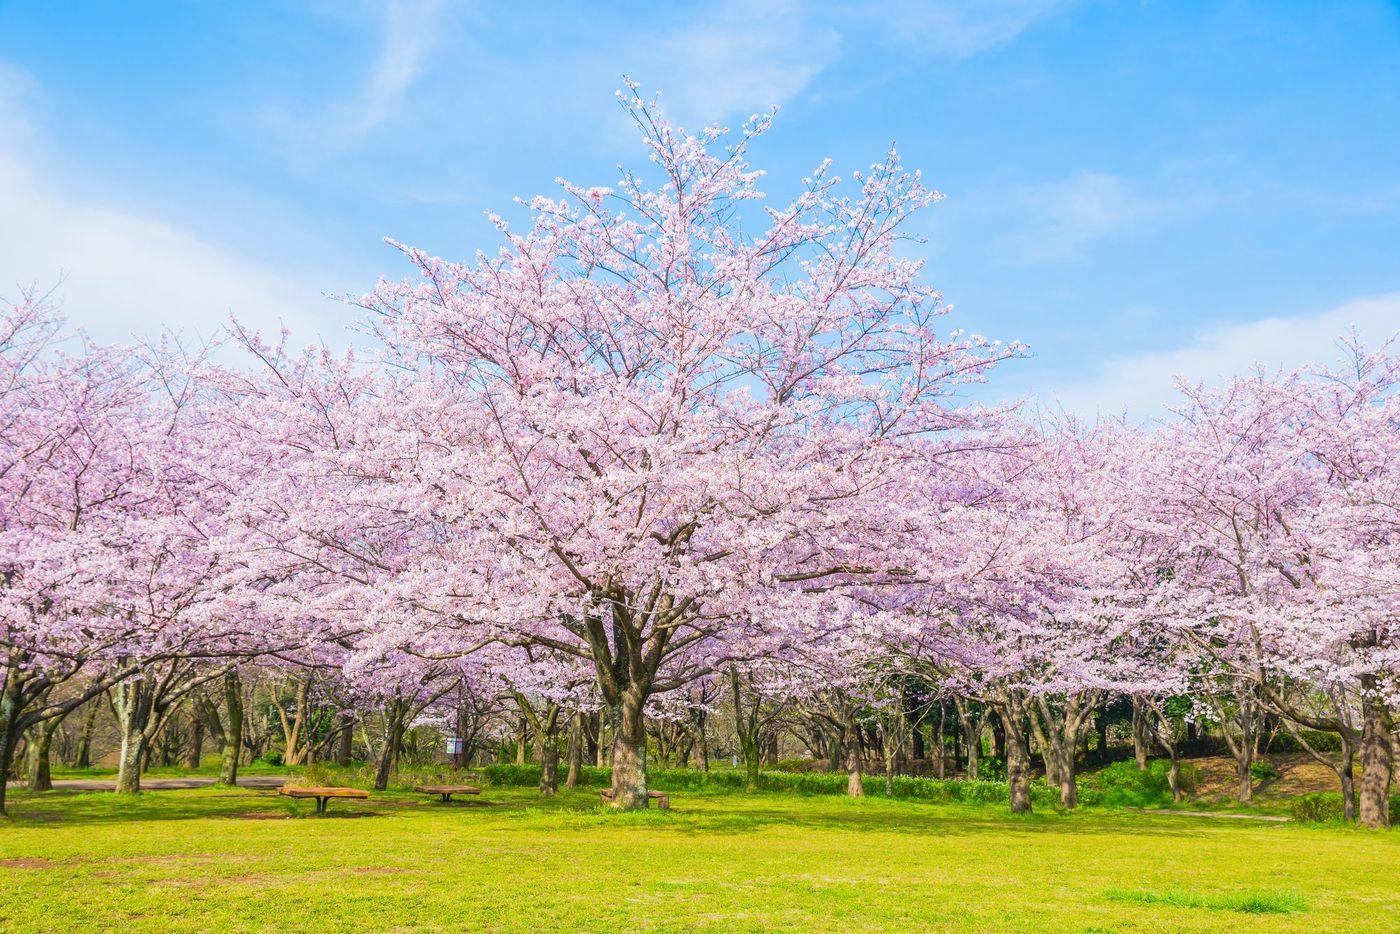 【2020版】花見を千葉でするならココ!開花予想と一緒に4選紹介の画像